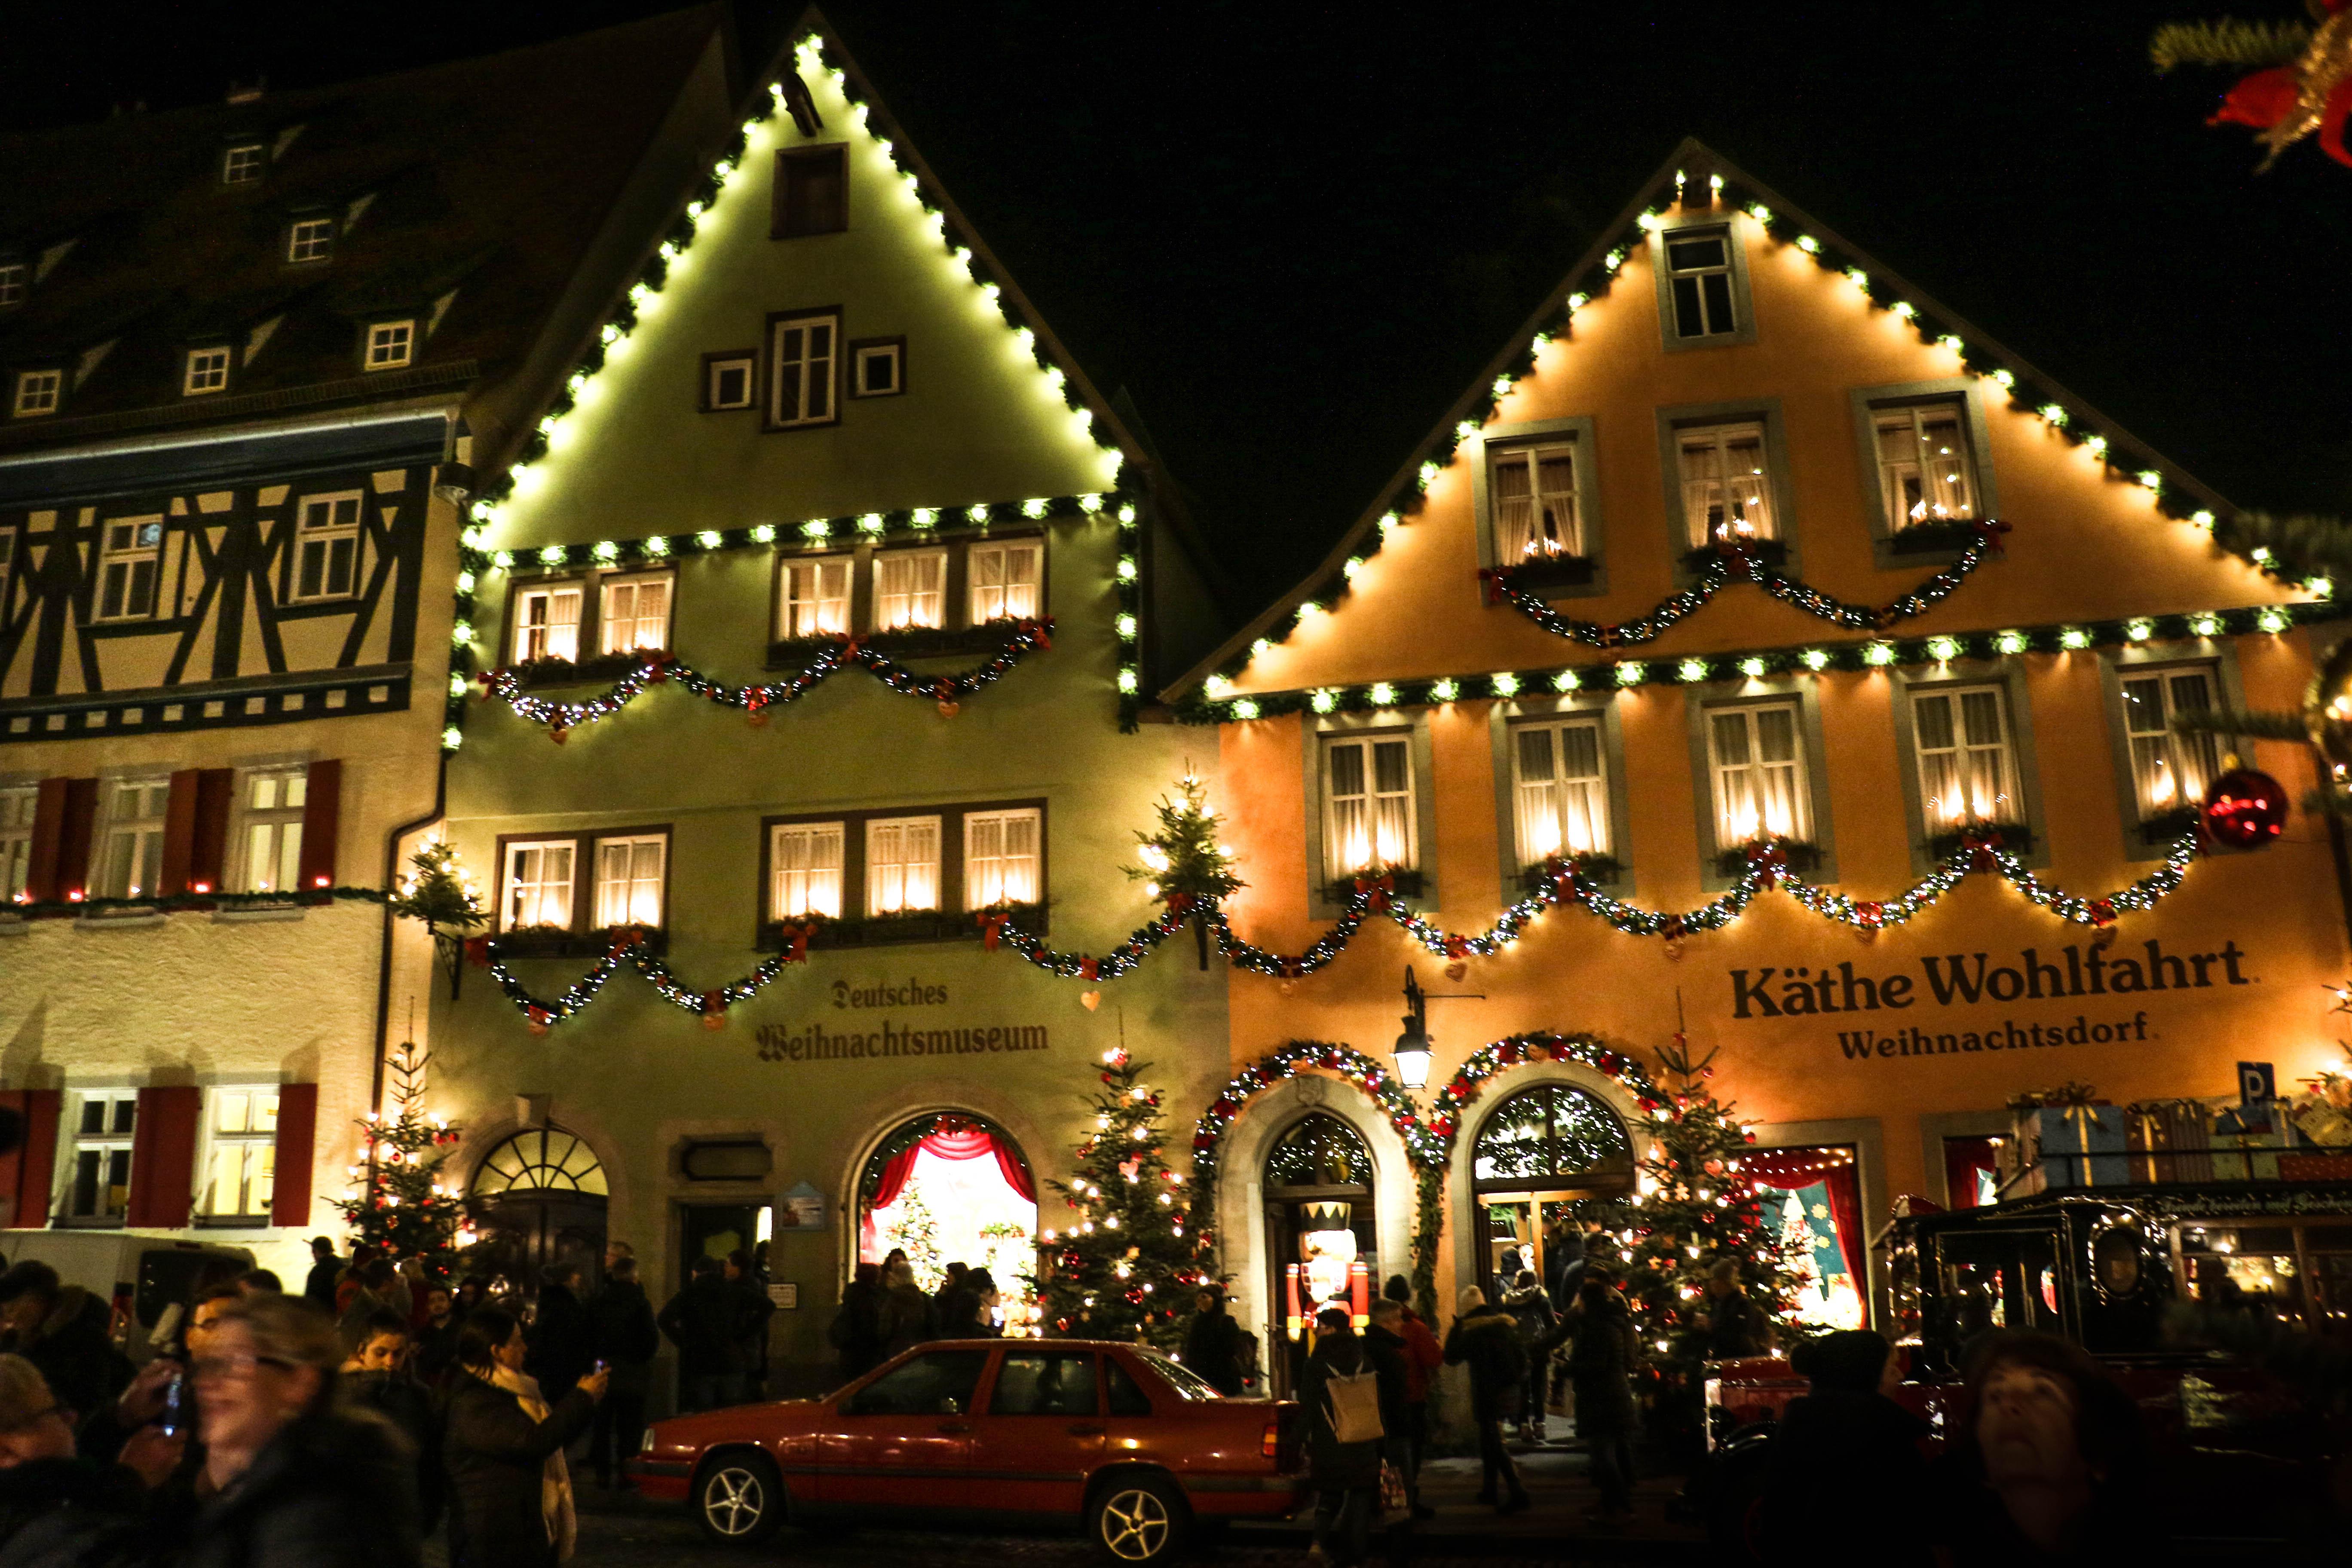 Rothenburg-ob-der-Tauber-ahol-eg%C3%A9sz-%C3%A9vben-kar%C3%A1csony-van